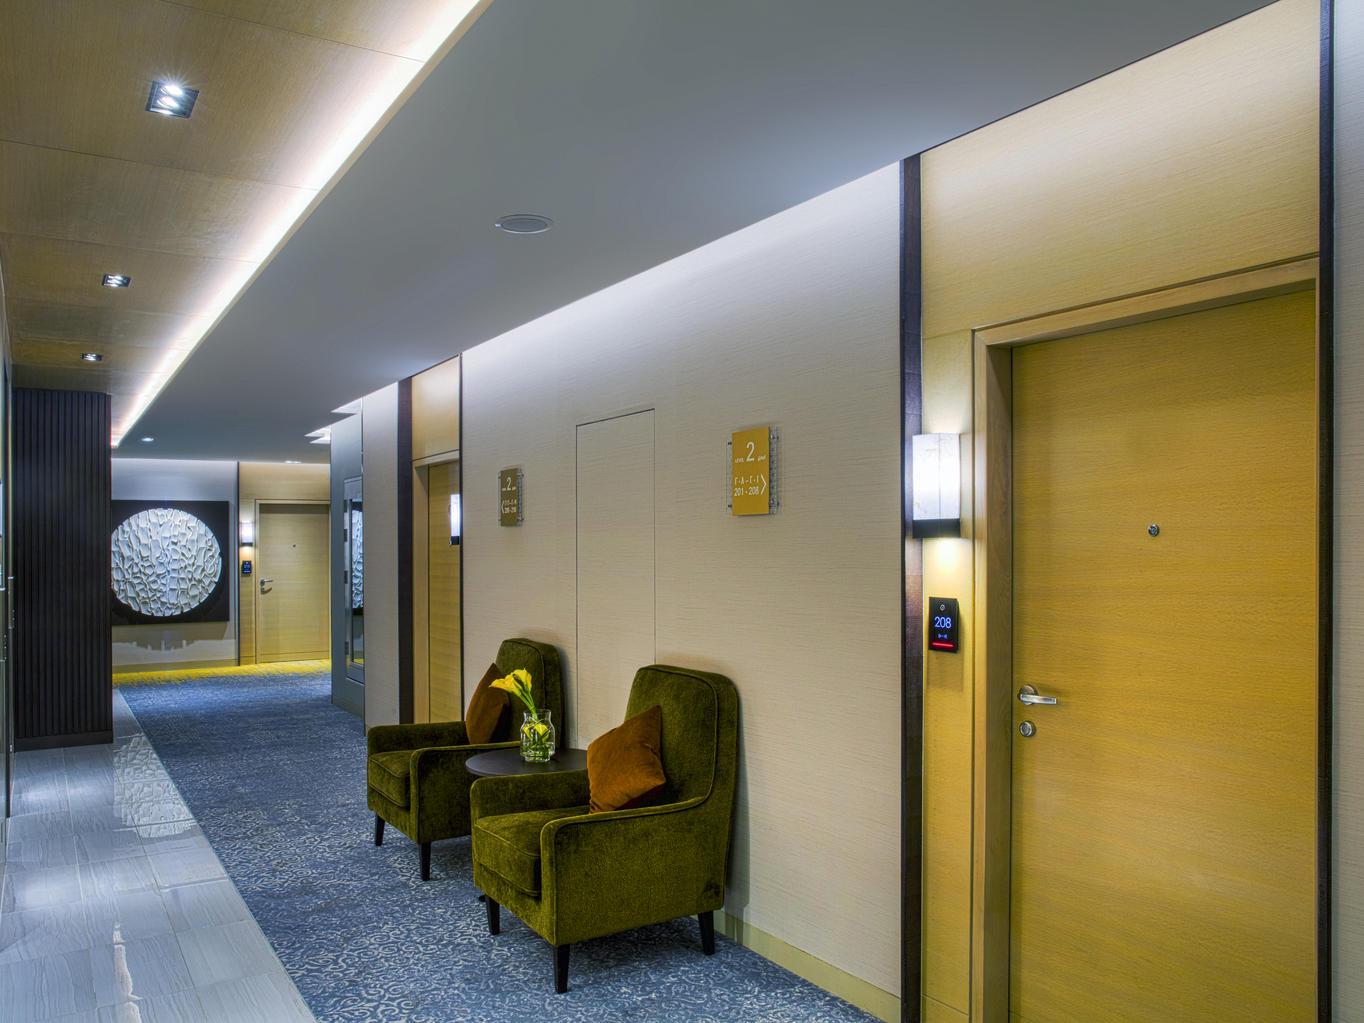 Corridor at Grayton Hotel Dubai